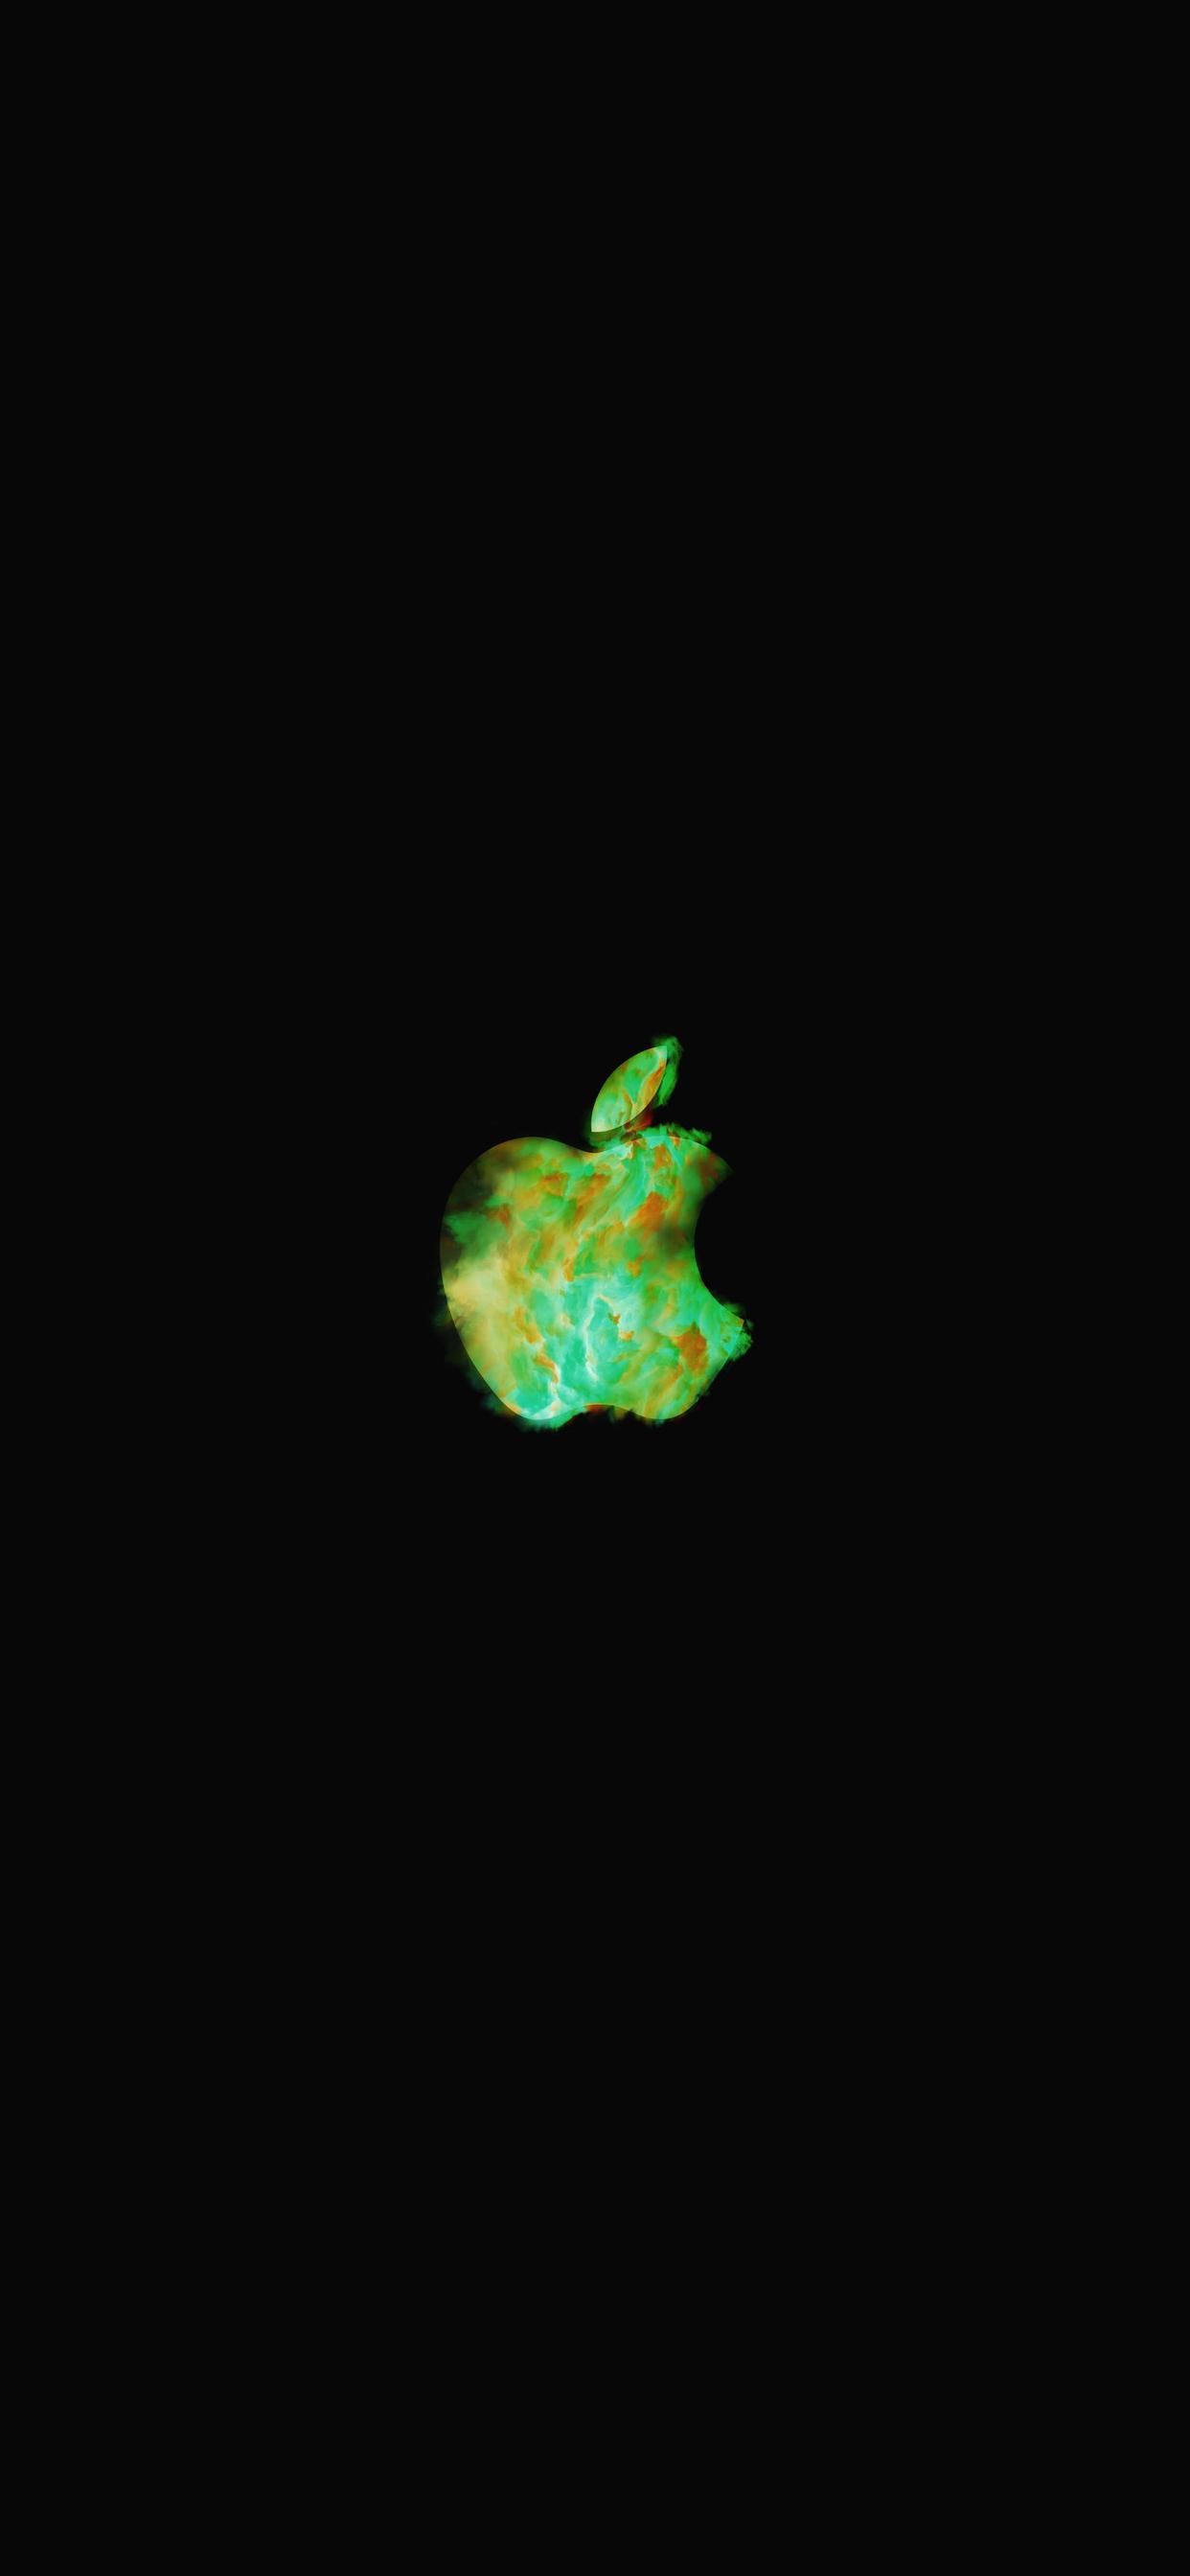 iPhone wallpaper apple logo 20 Fonds décran noirs avec le logo Apple en très haute résolution